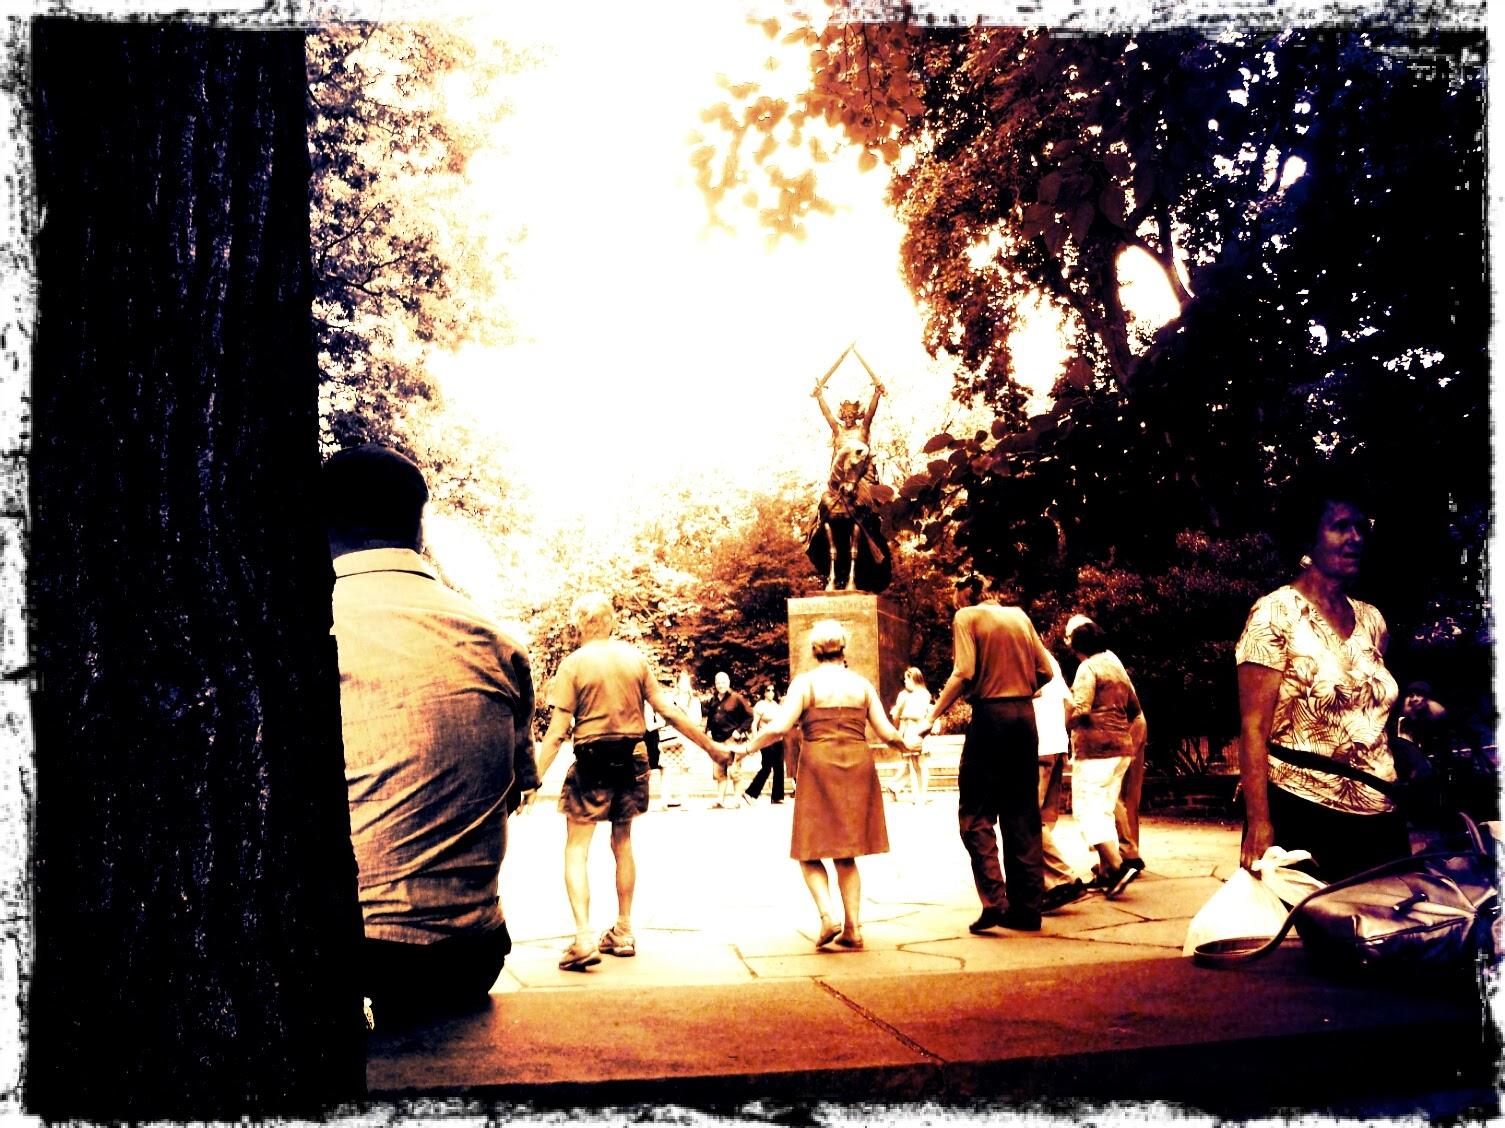 Central Park sirtaki dancers